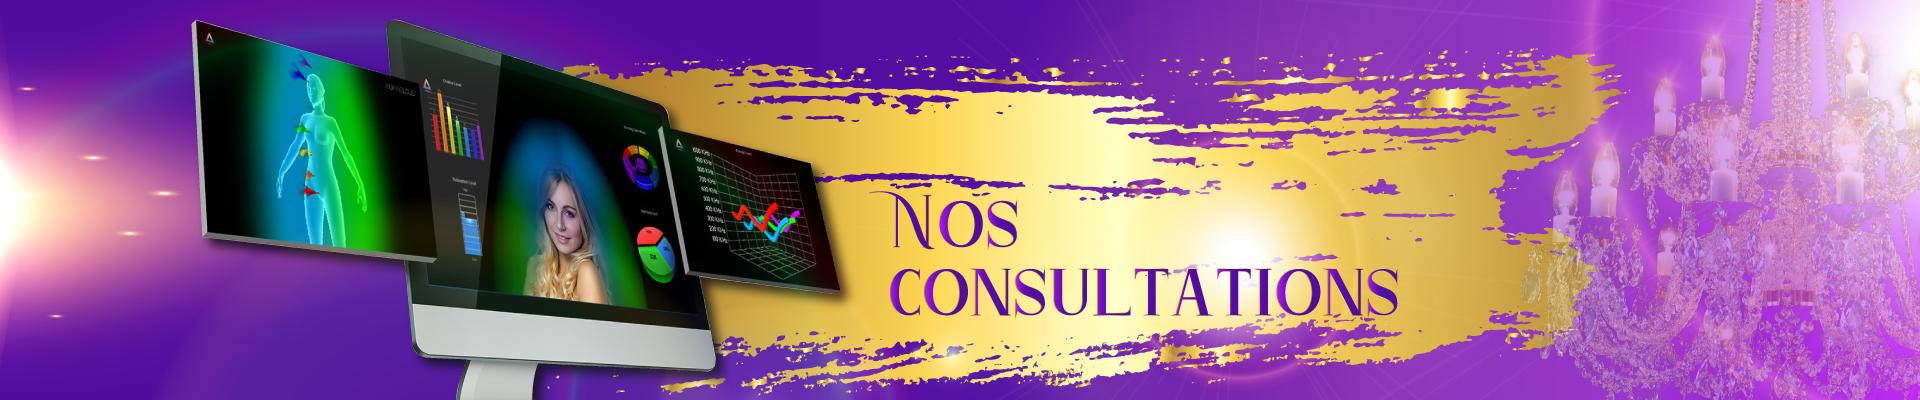 subheader-consultations-5